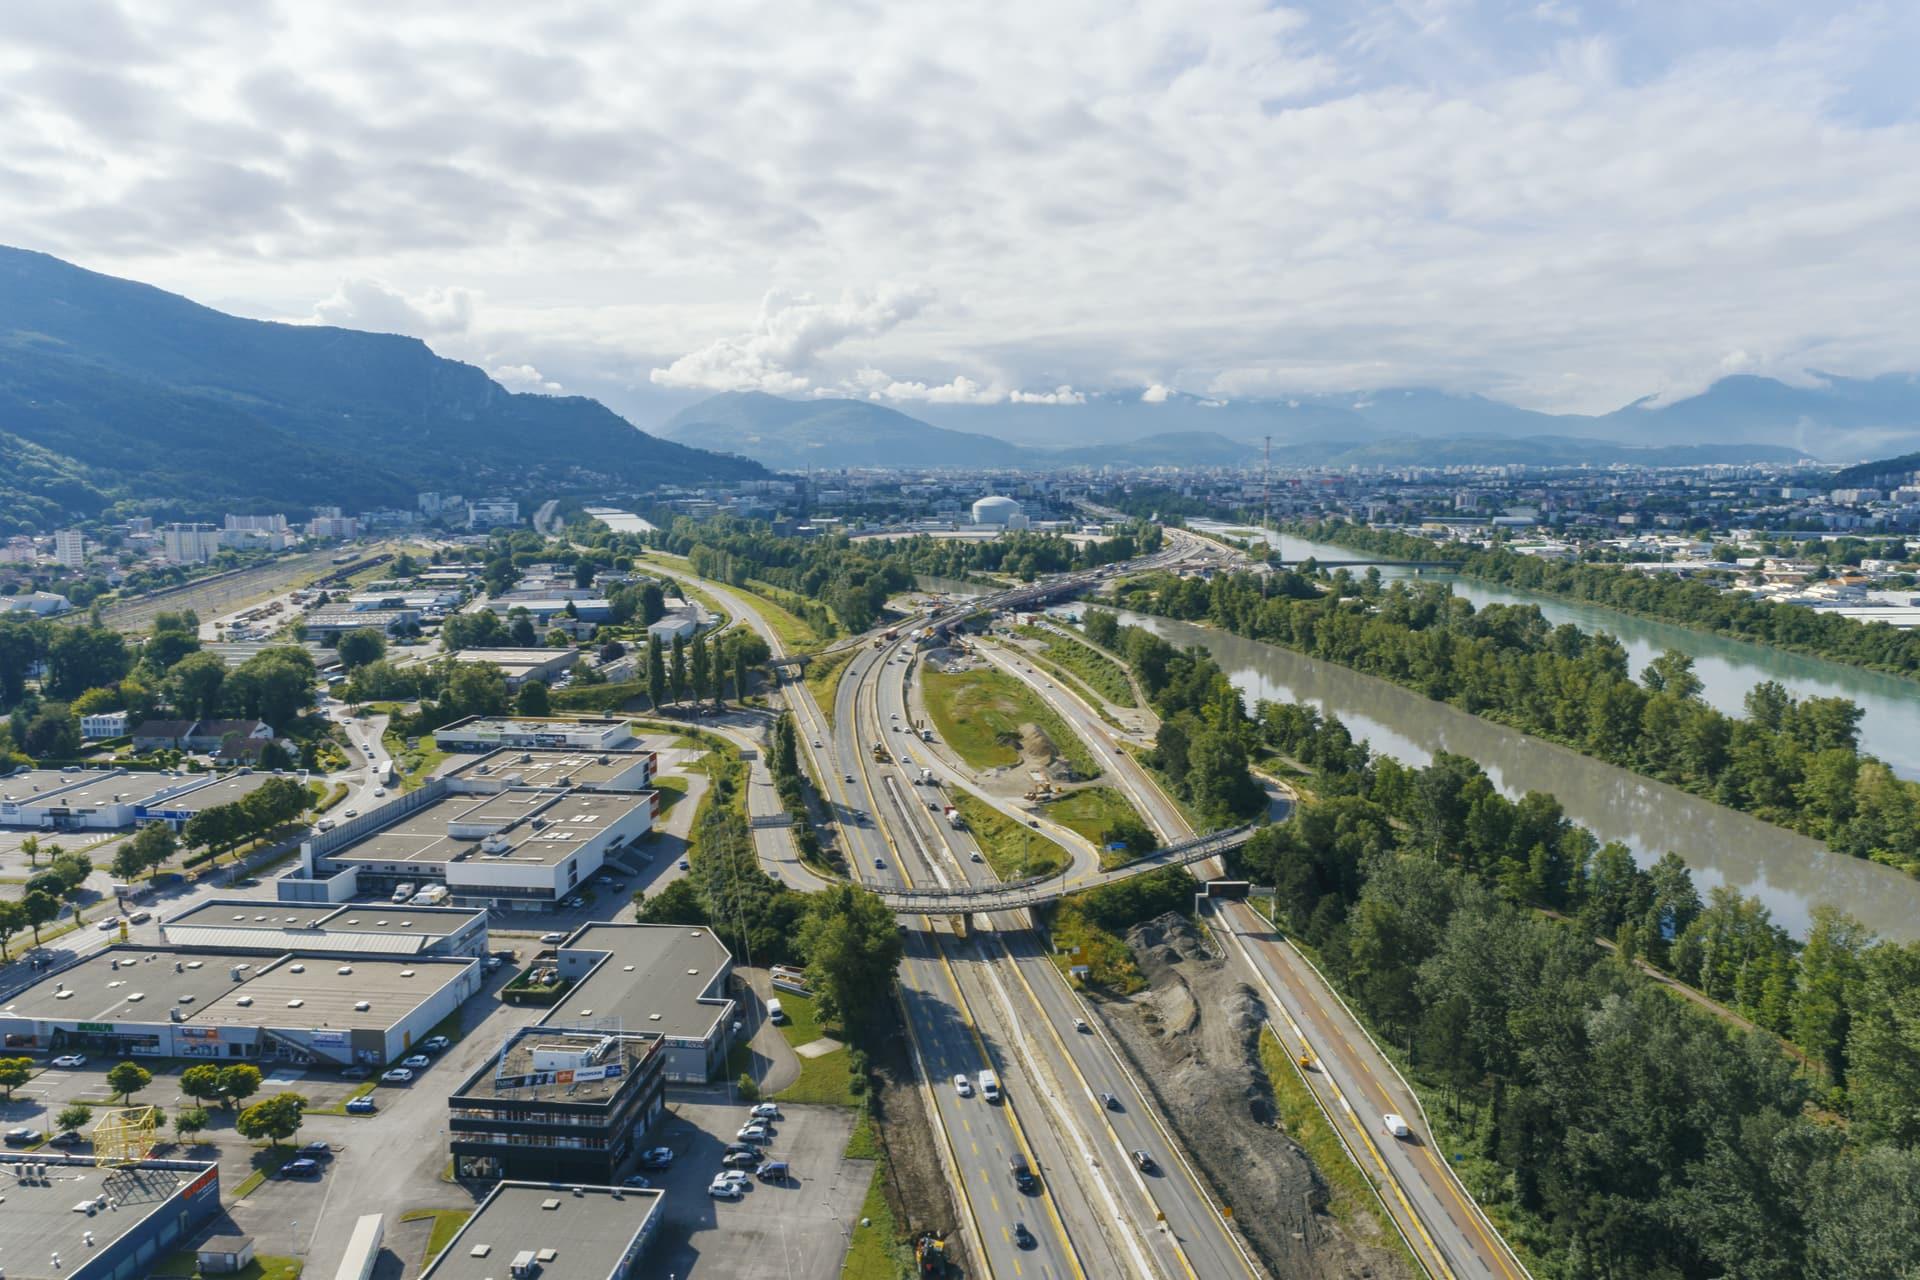 Améangement par AREA de l'autoroute A480 sur Grenoble vue du ciel